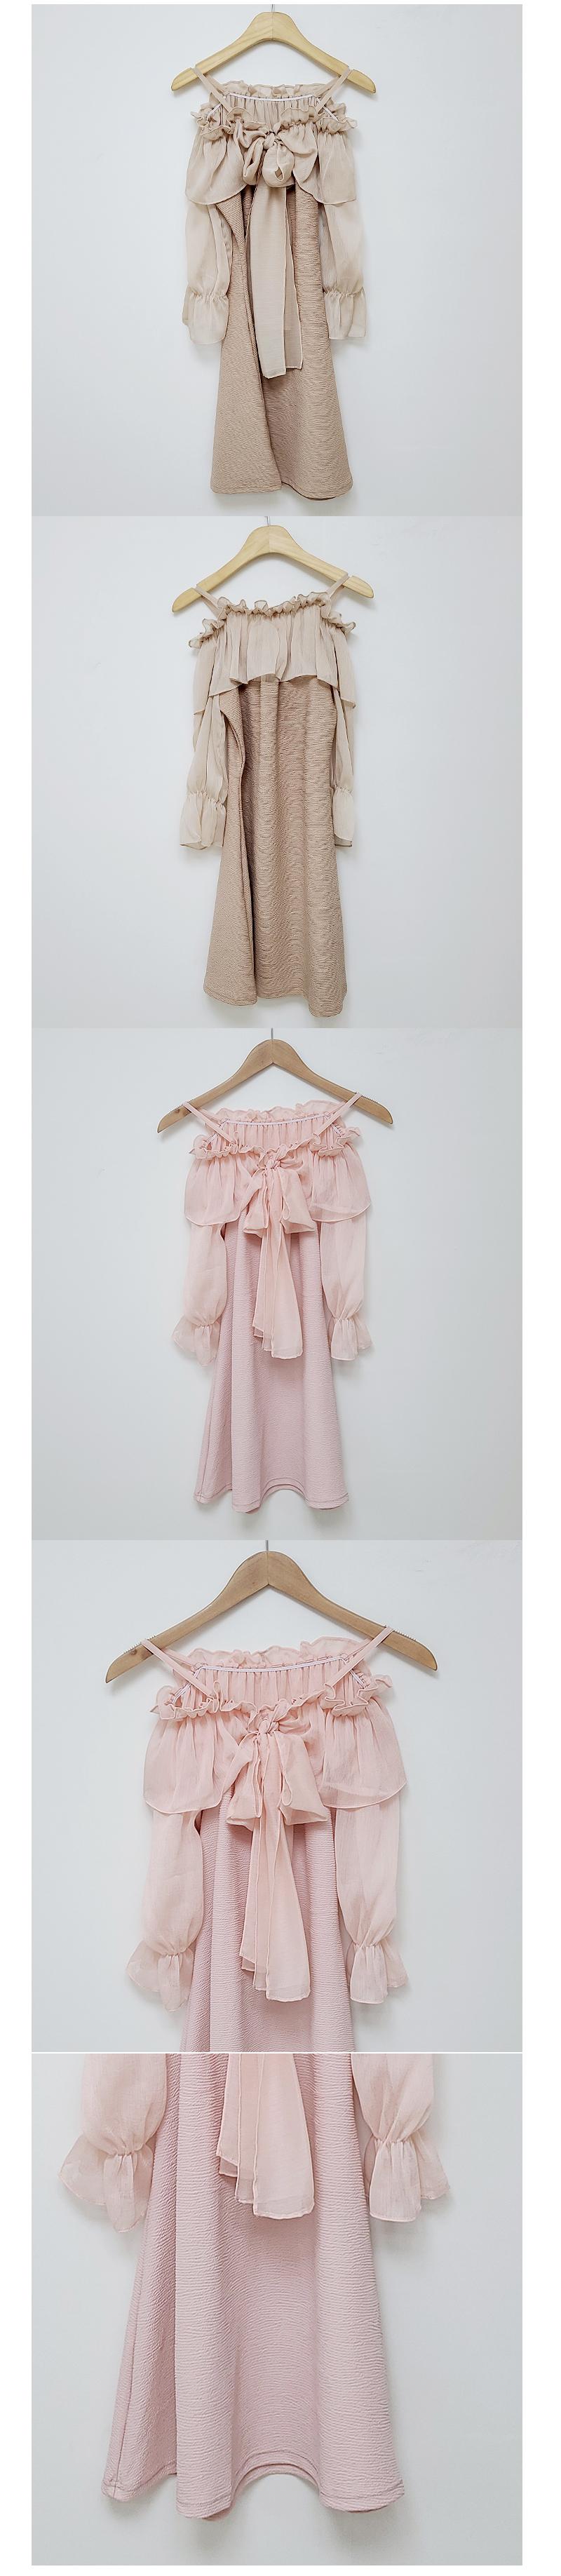 露肩荷葉褶邊領綁帶短洋裝 粉/米